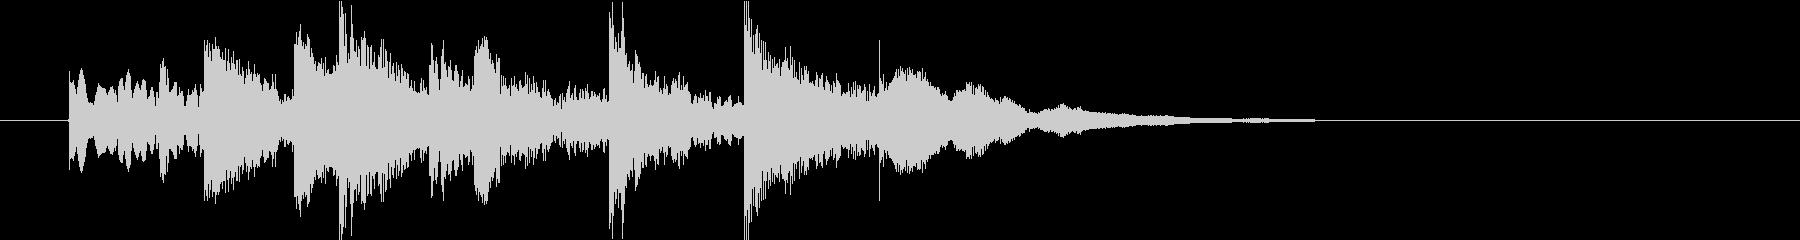 マリンバによる楽しいジングルの未再生の波形